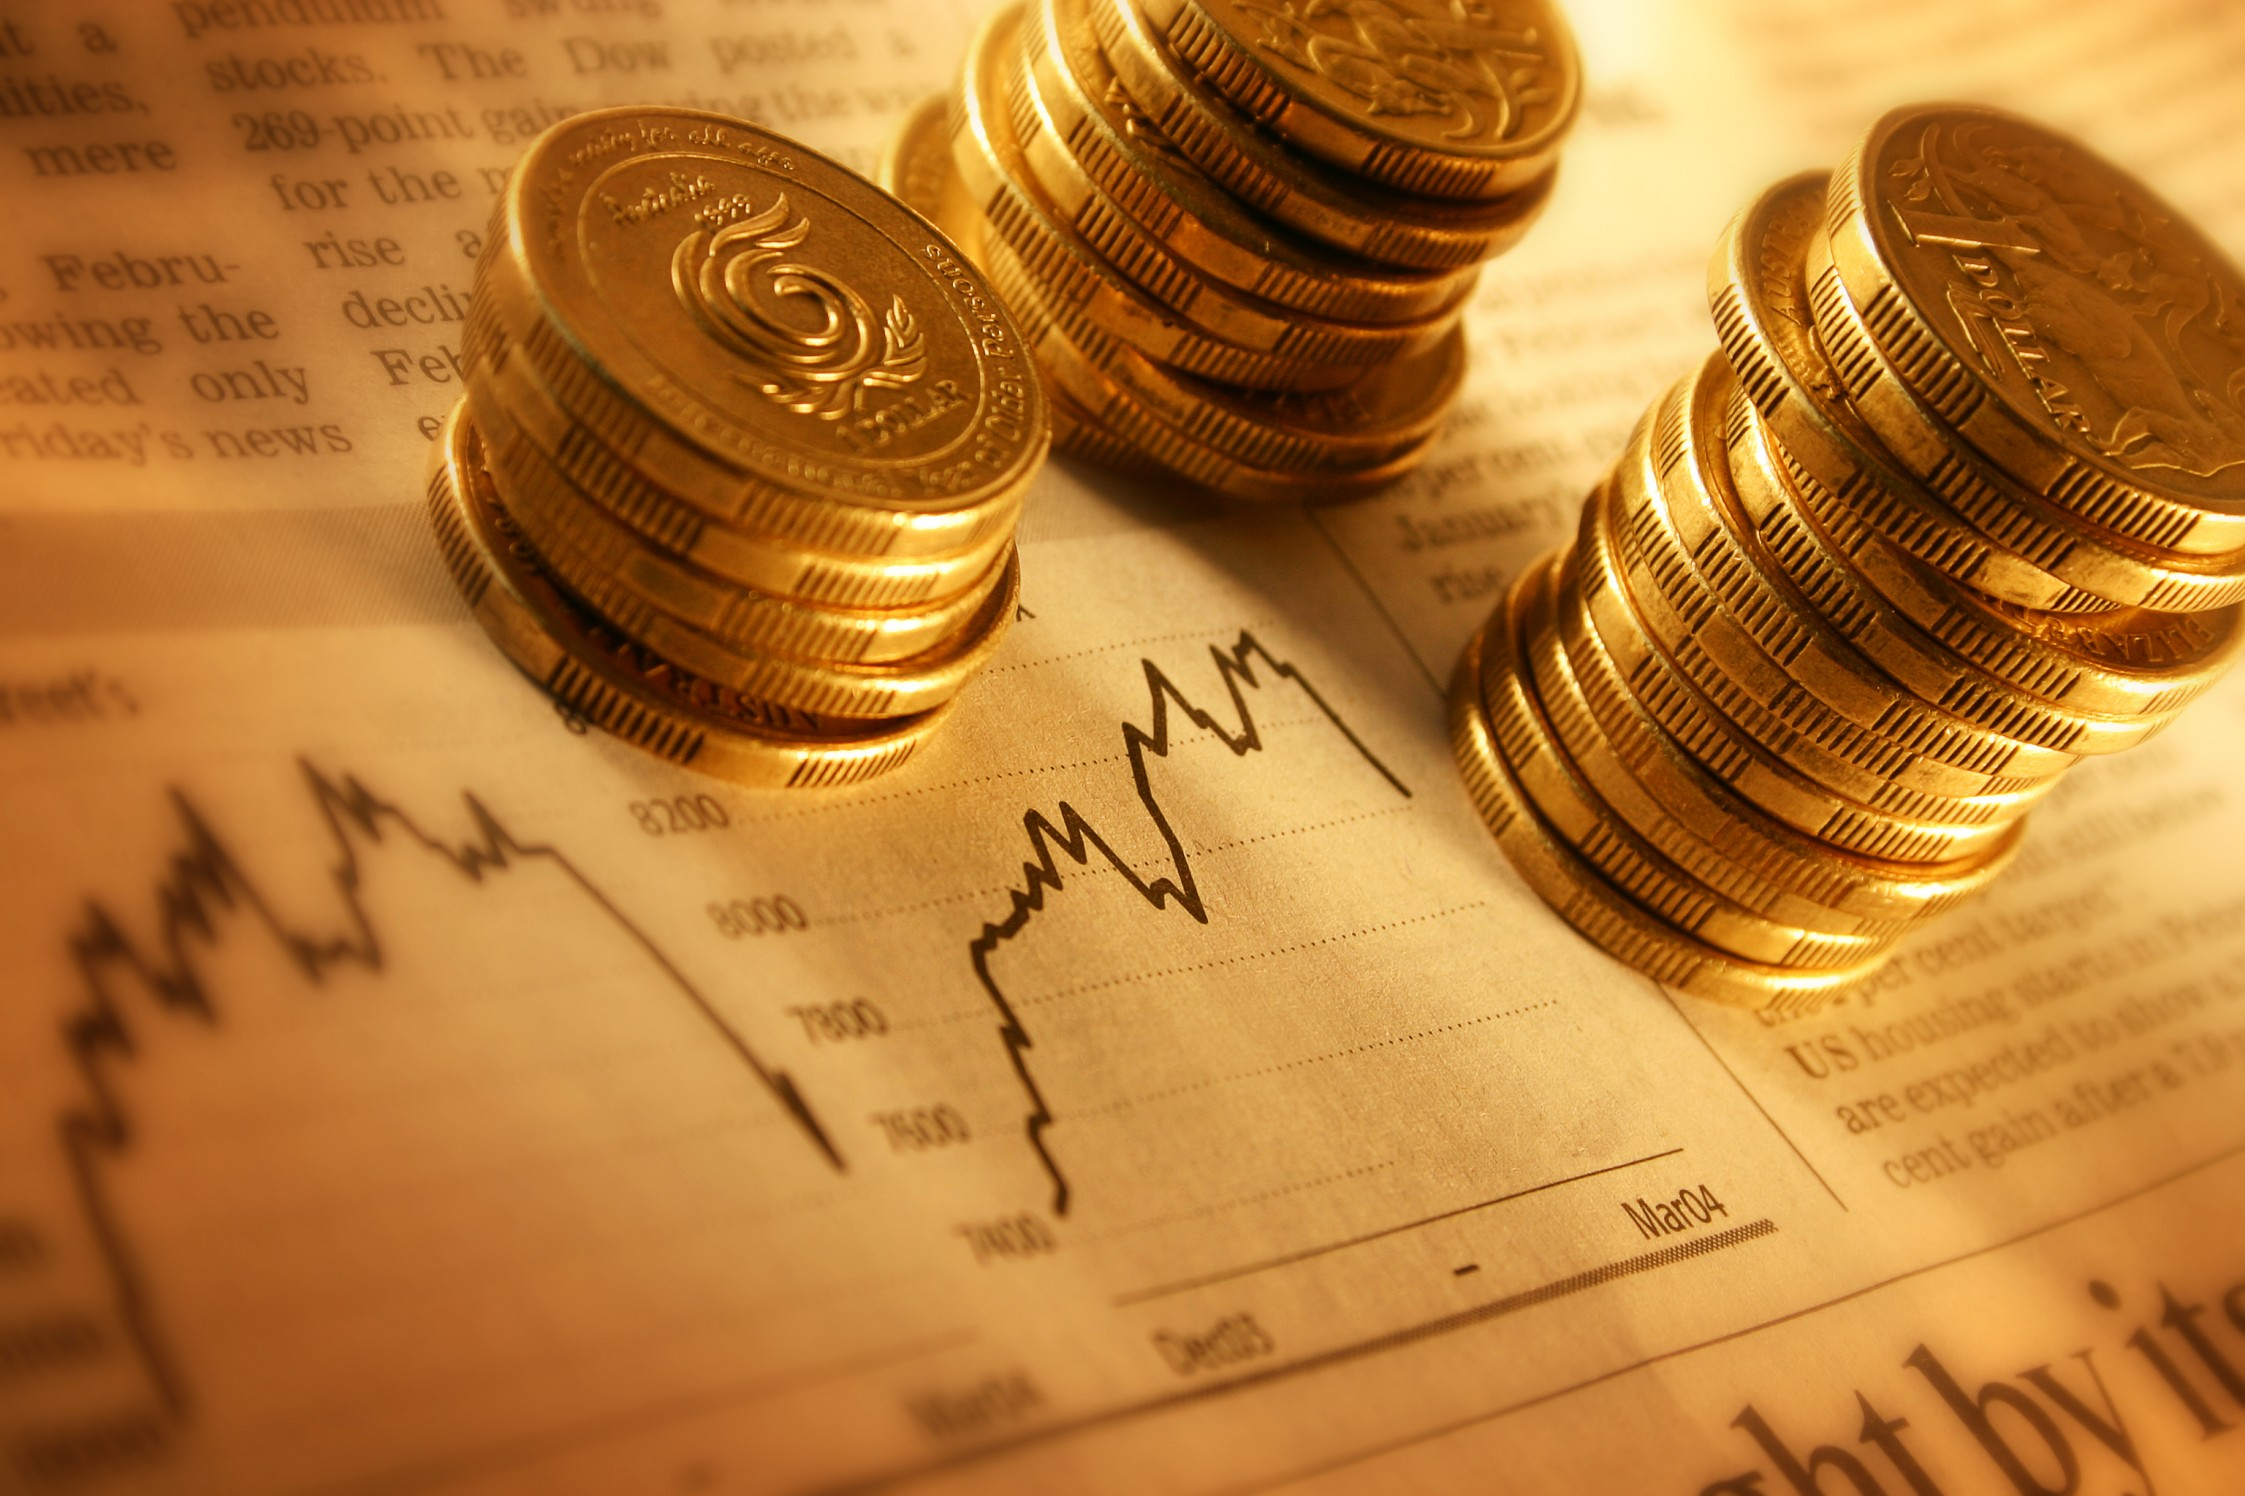 Фото картинок по экономике